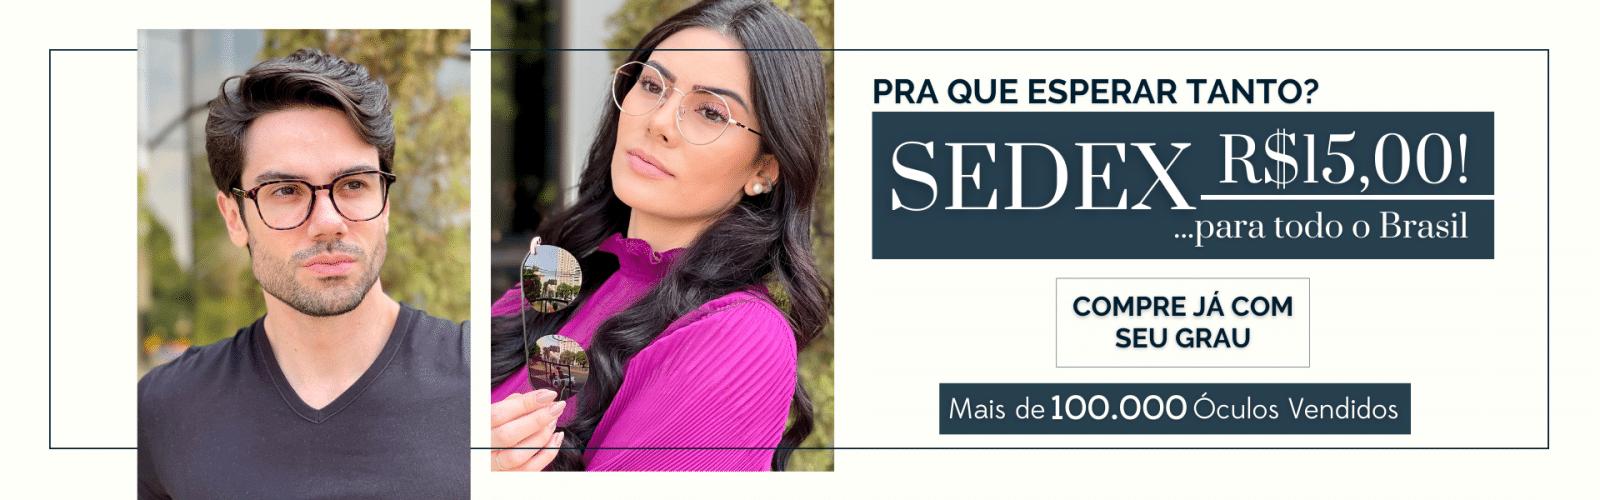 banner sedex 15 reais